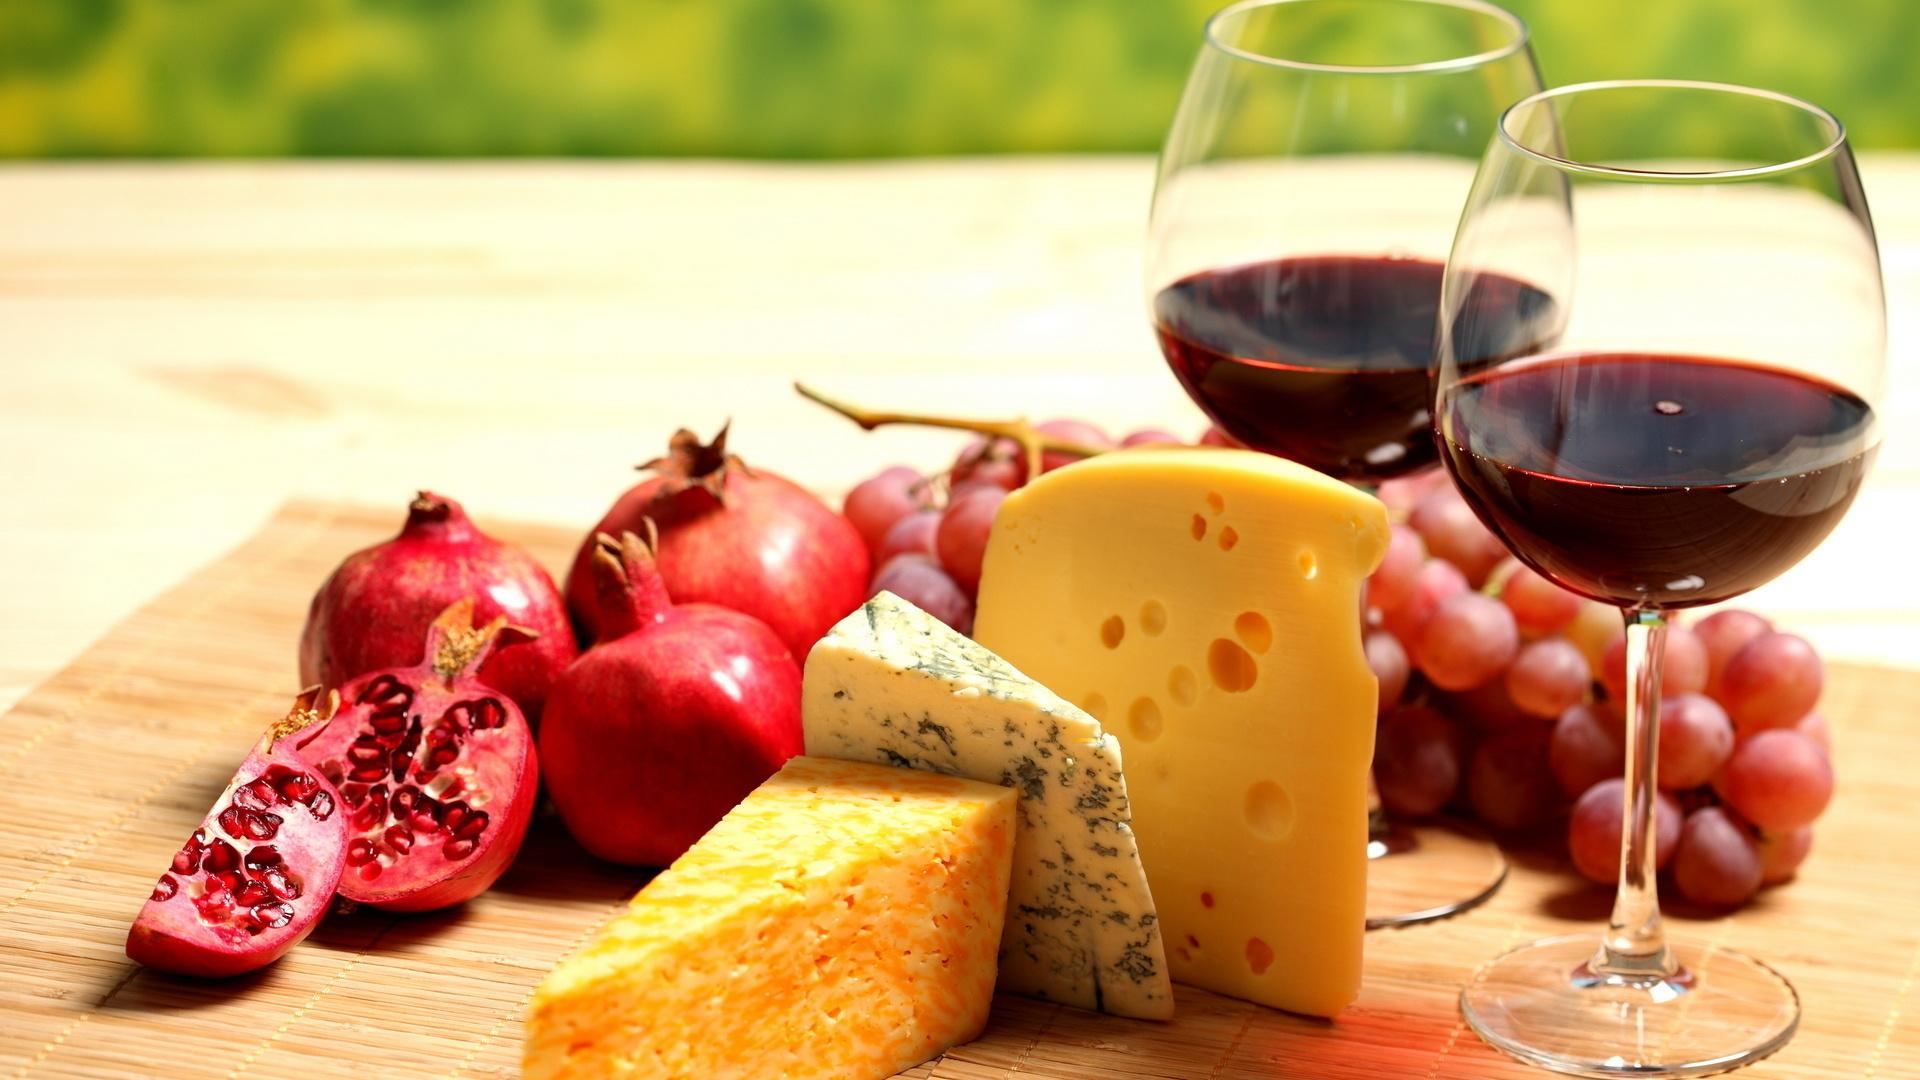 ¡No te lo pierdas! Festival de Vinos & mercado Gourmet en Metepec